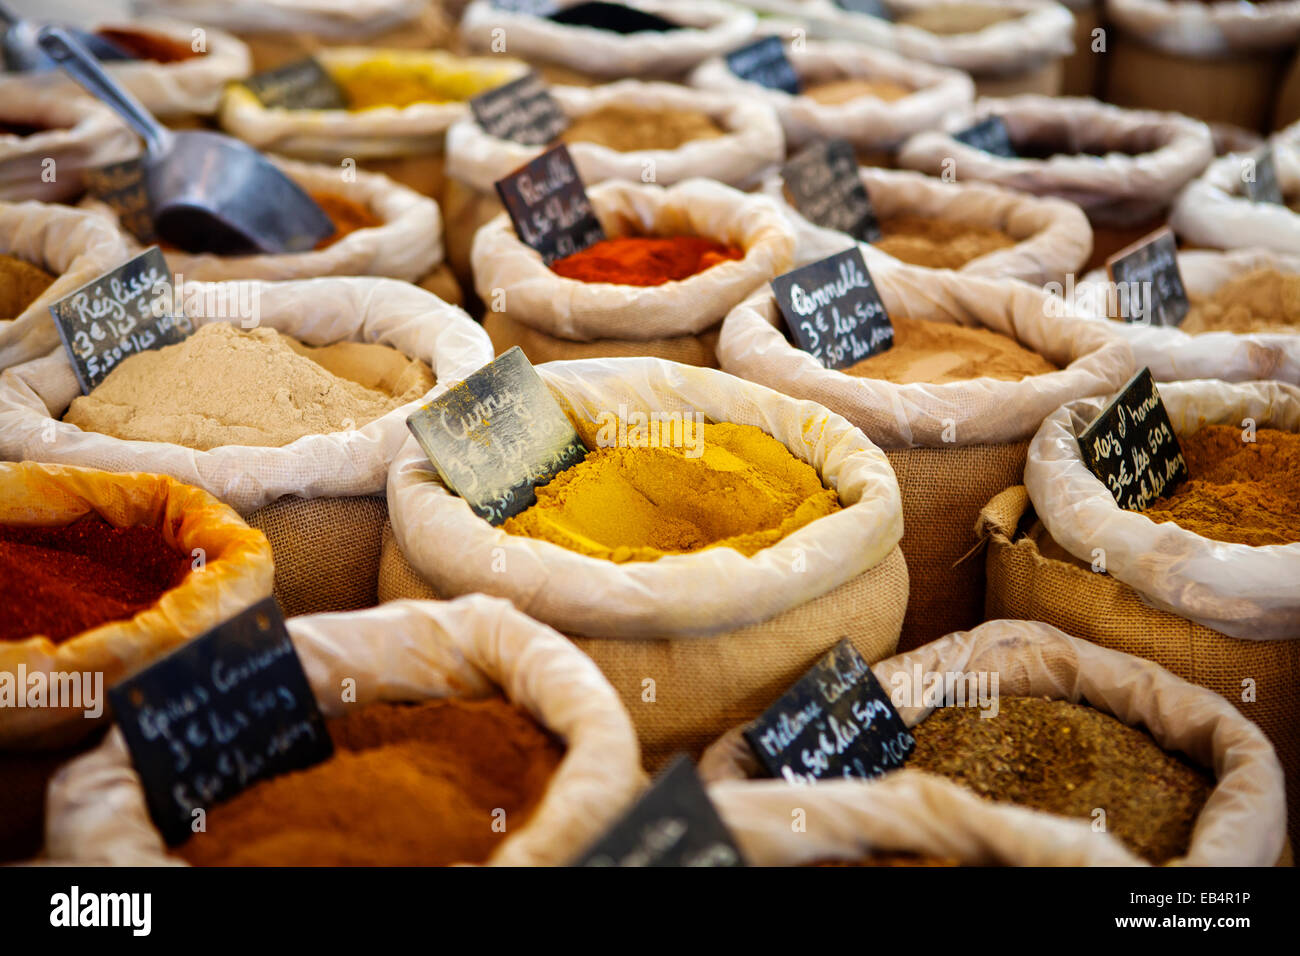 Gewürze auf dem Markt in der Provence, Frankreich Stockbild